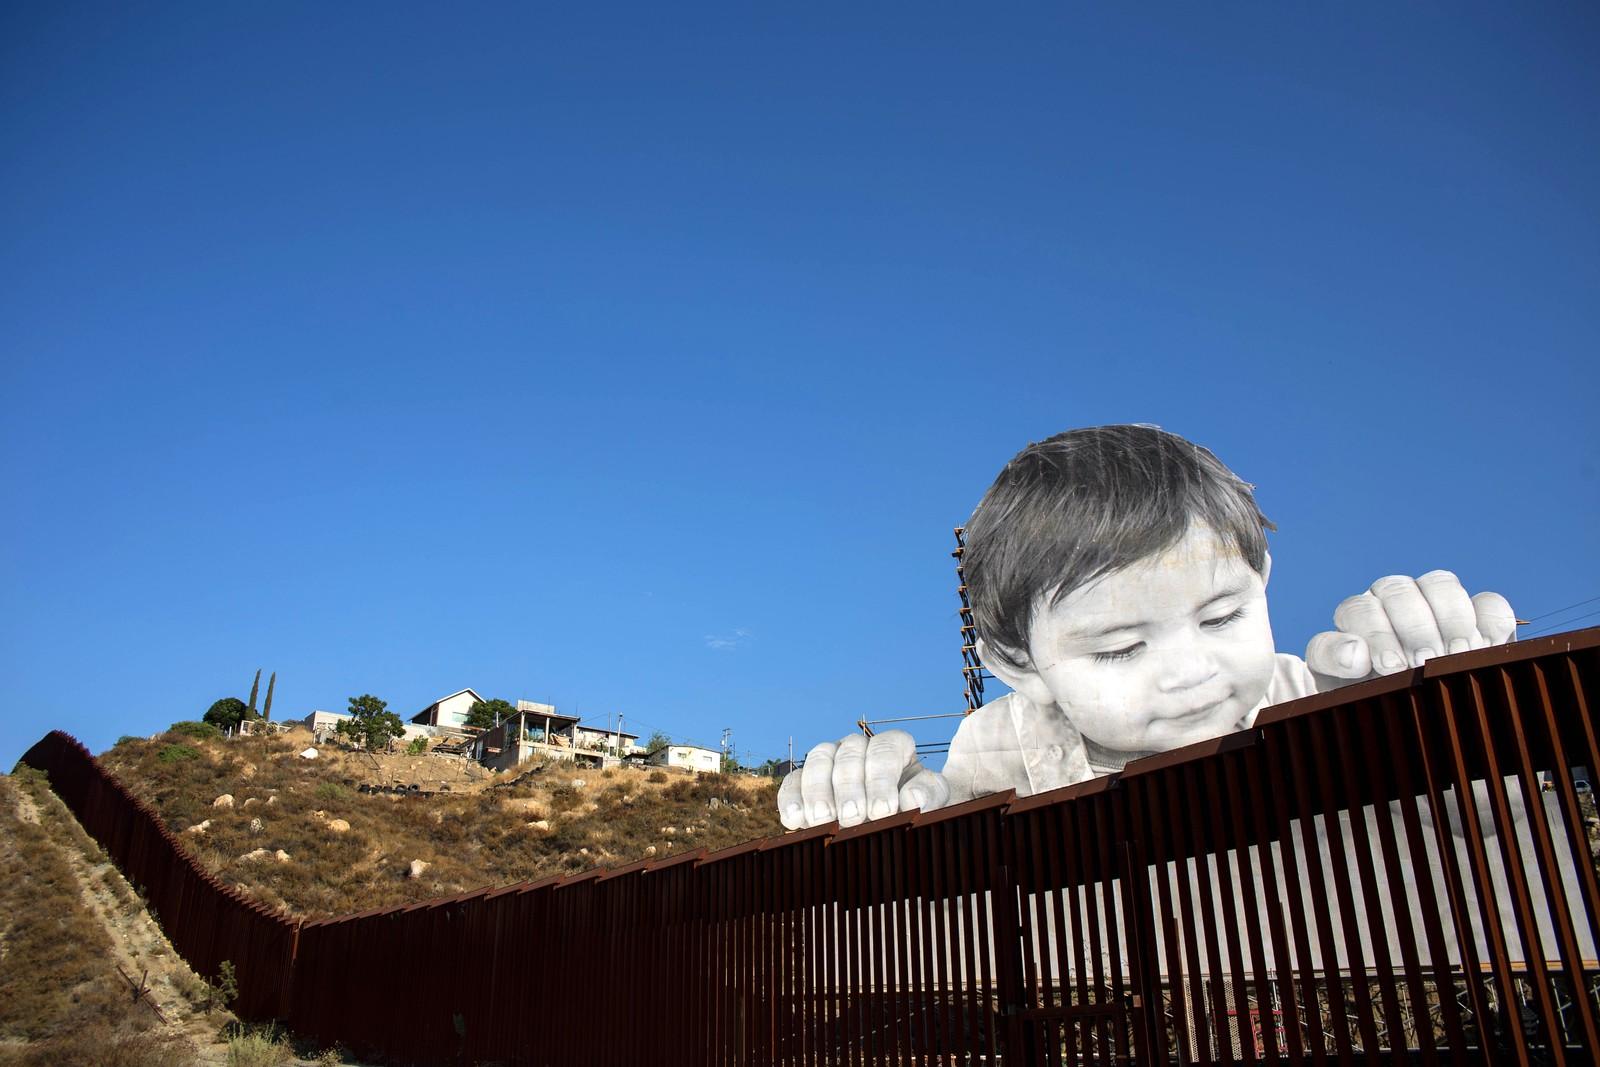 Et kunstverk laget av den franske kunstneren JR på grensen mellom USA og Mexico i Tecate i California.